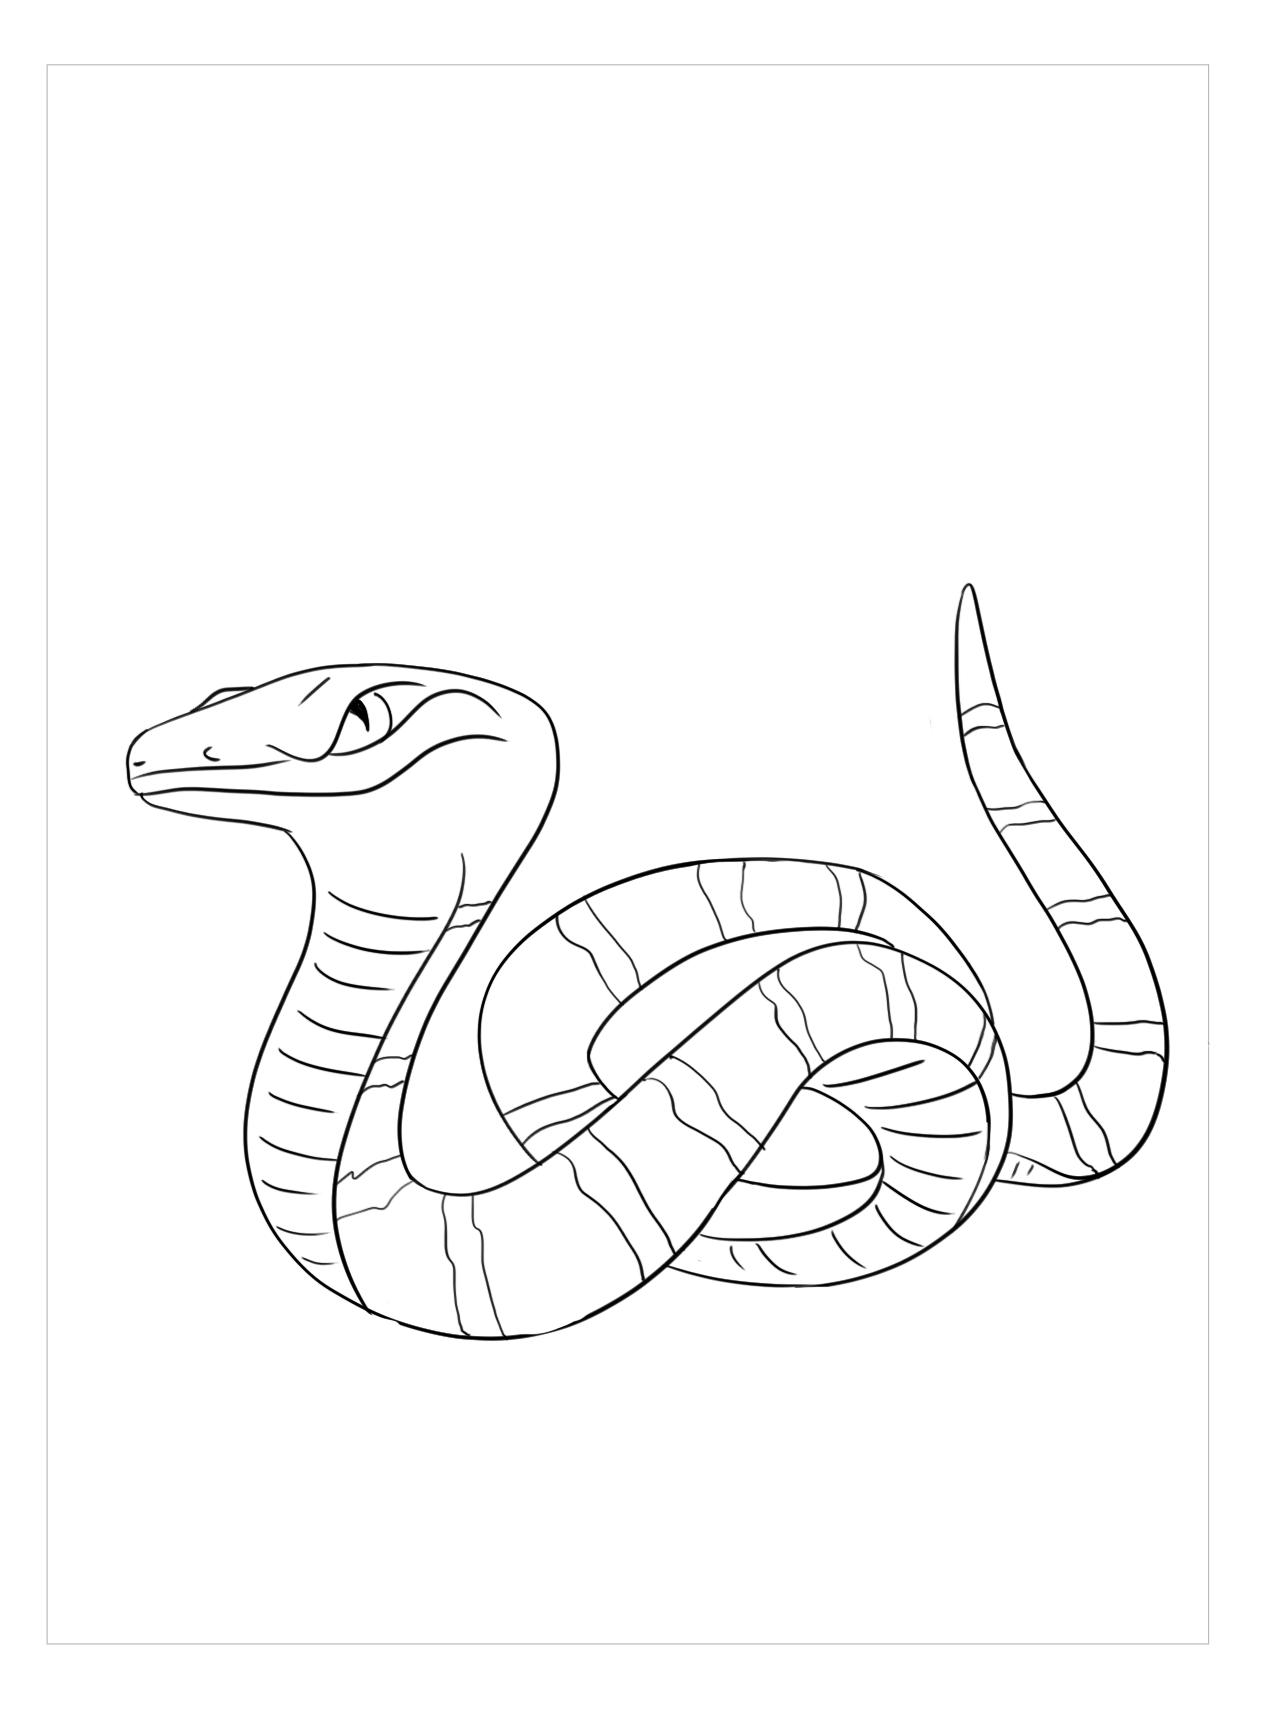 Tranh tô màu con rắn đẹp, ngầu